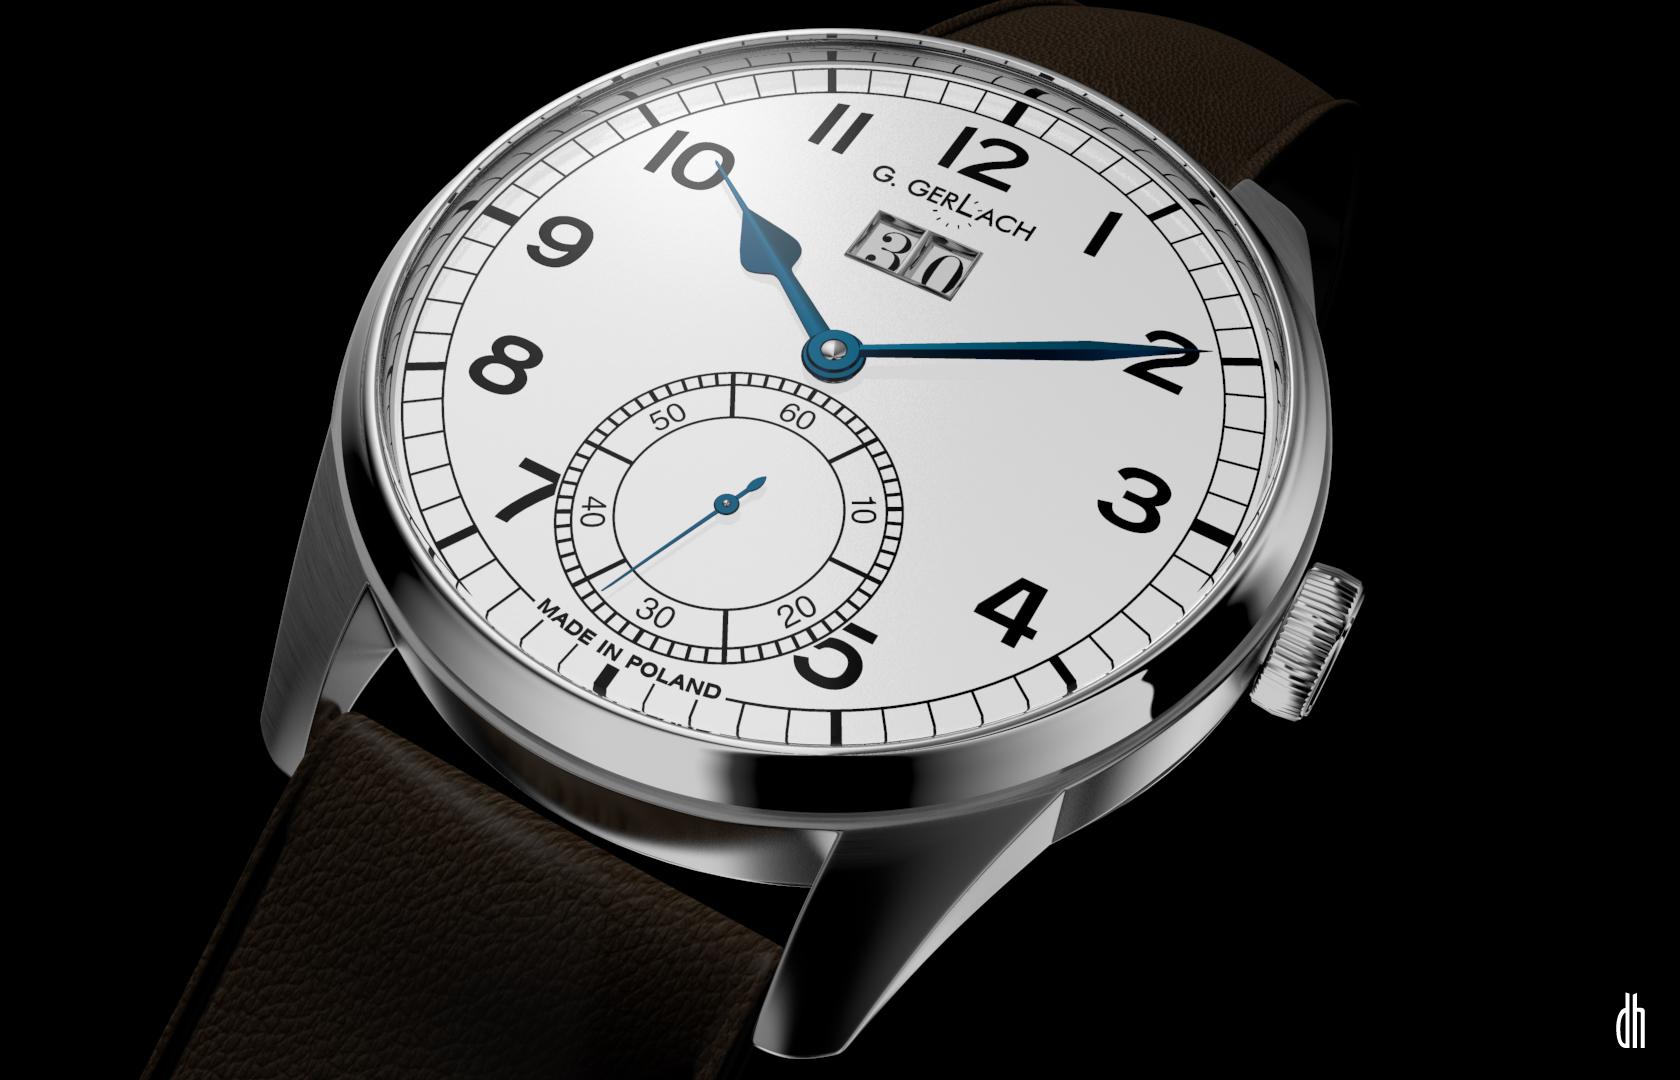 G. Gerlach: la montre polonaise! - Page 2 Batory2